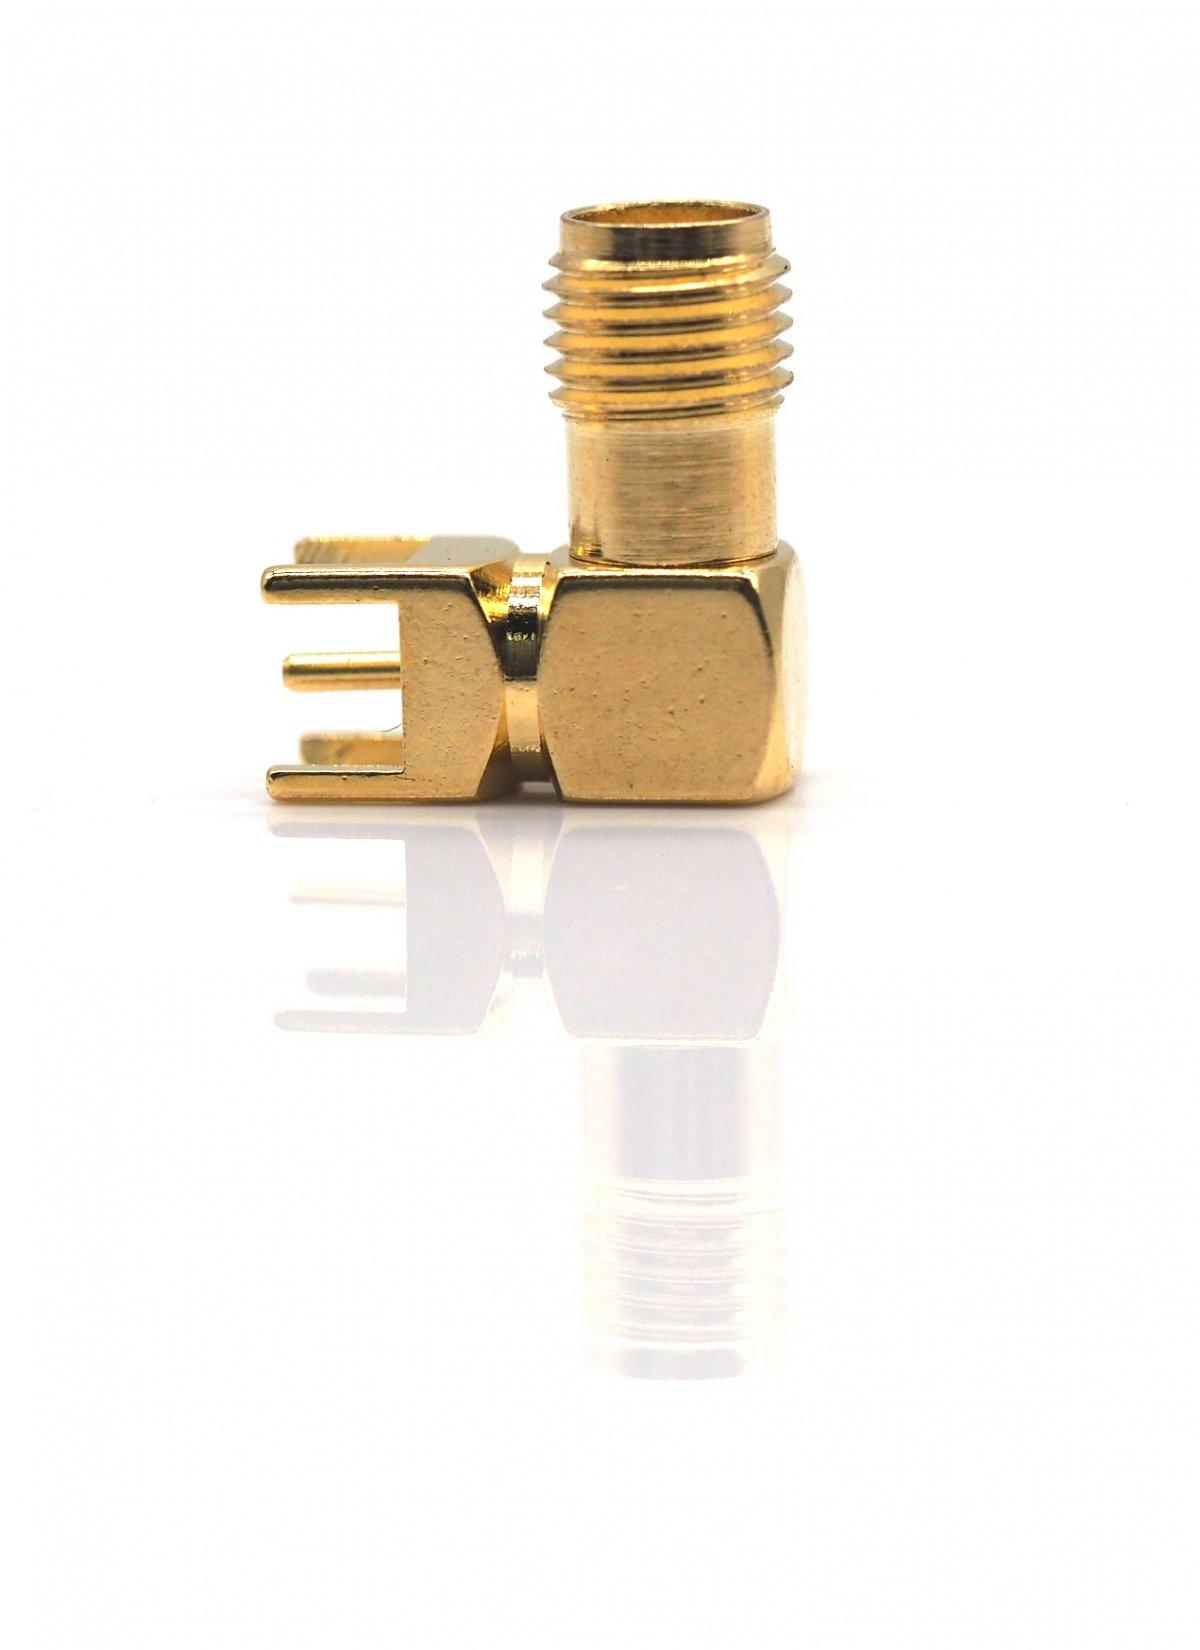 male-sma-socket